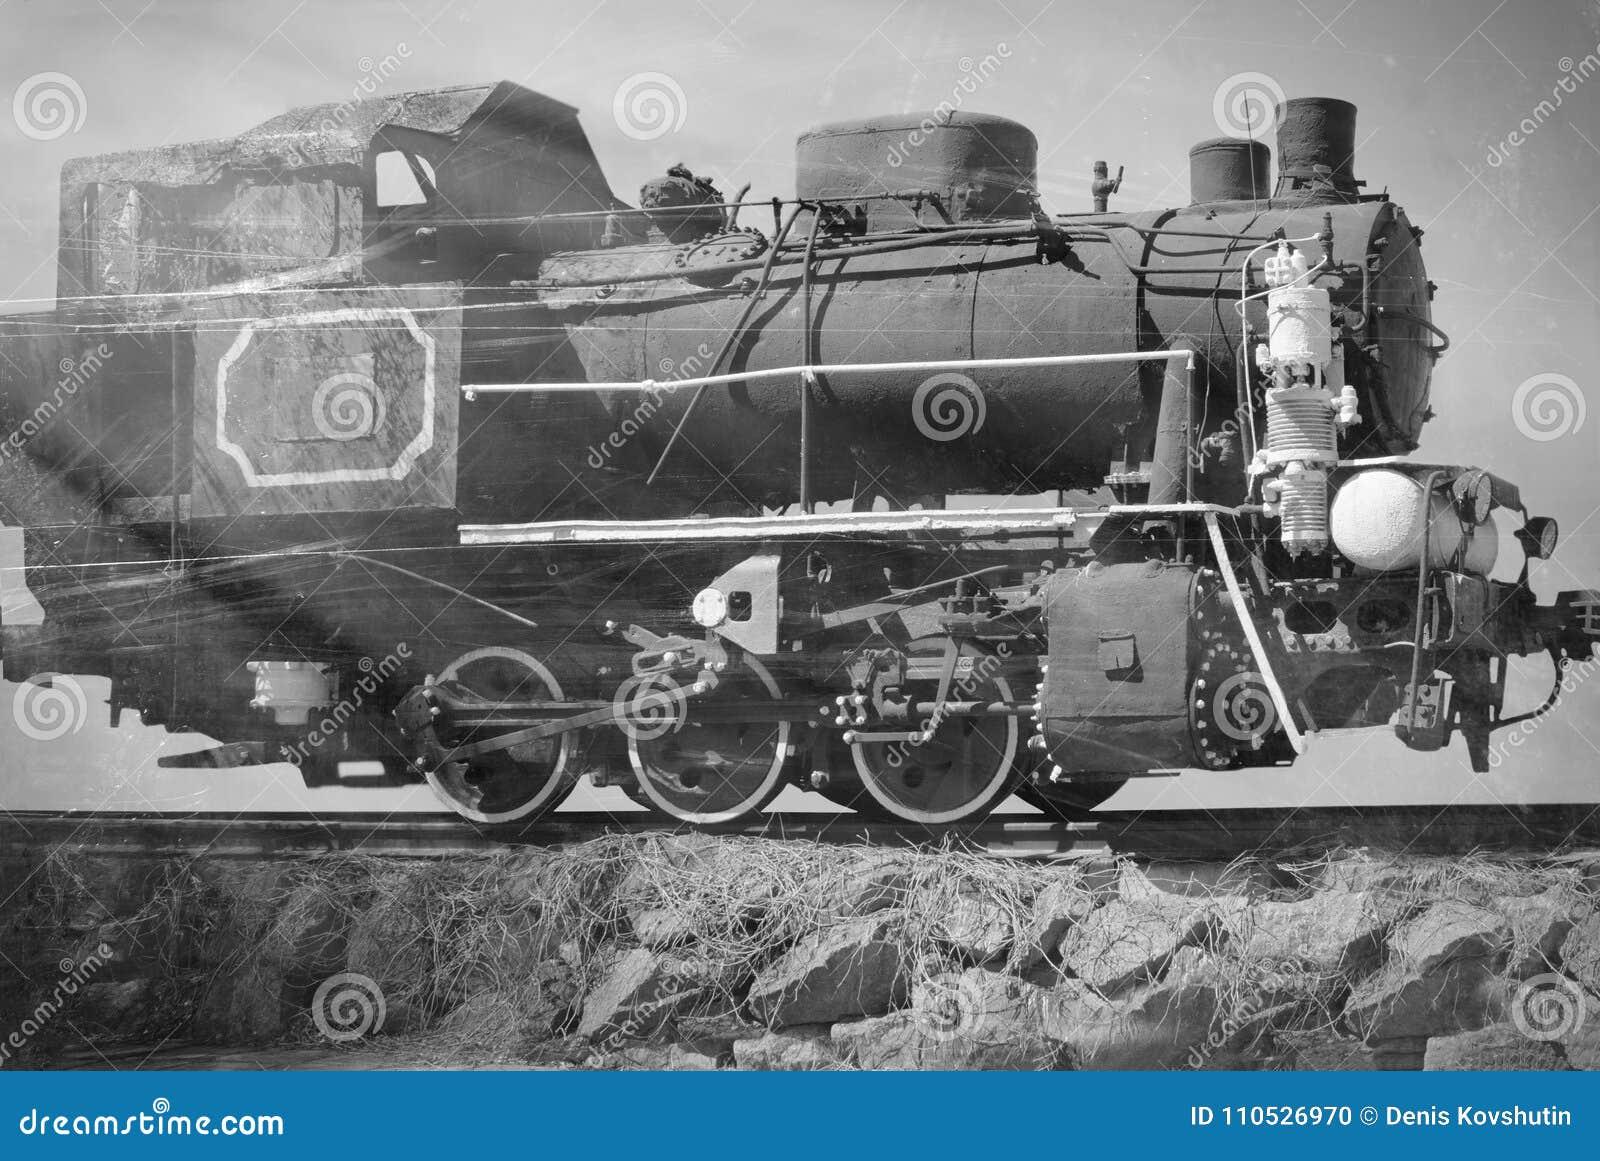 Foto preto e branco do trem soviético velho